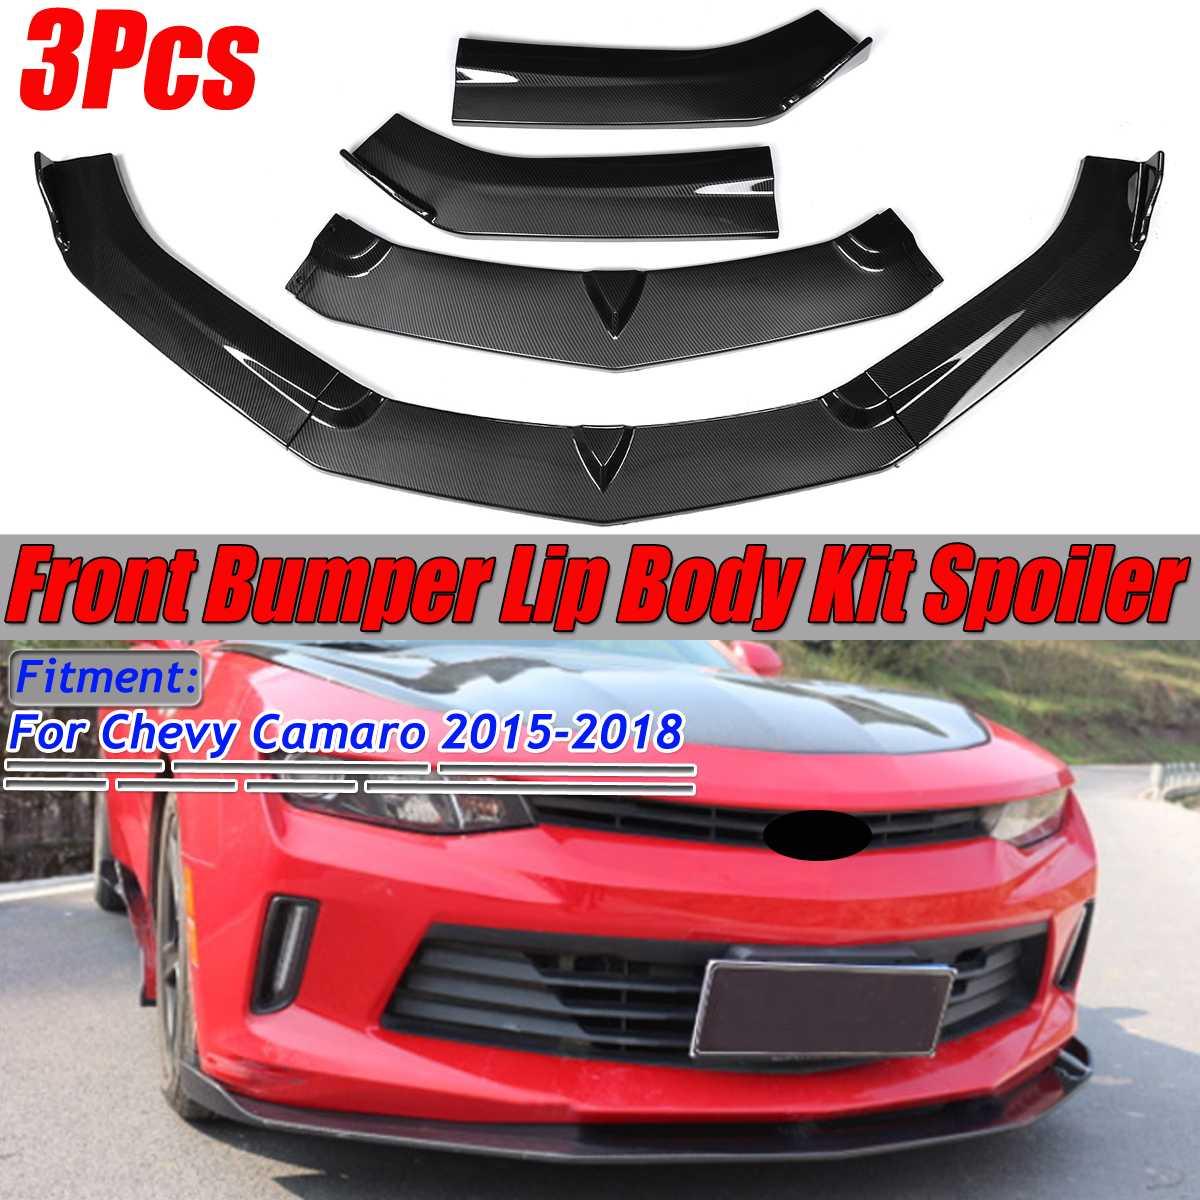 Con apariencia de fibra de carbono, parachoques delantero para coche, Deflector de labios, Kit de cuerpo, Spoiler, difusor de parachoques para Chevy para Camaro 2015-2018